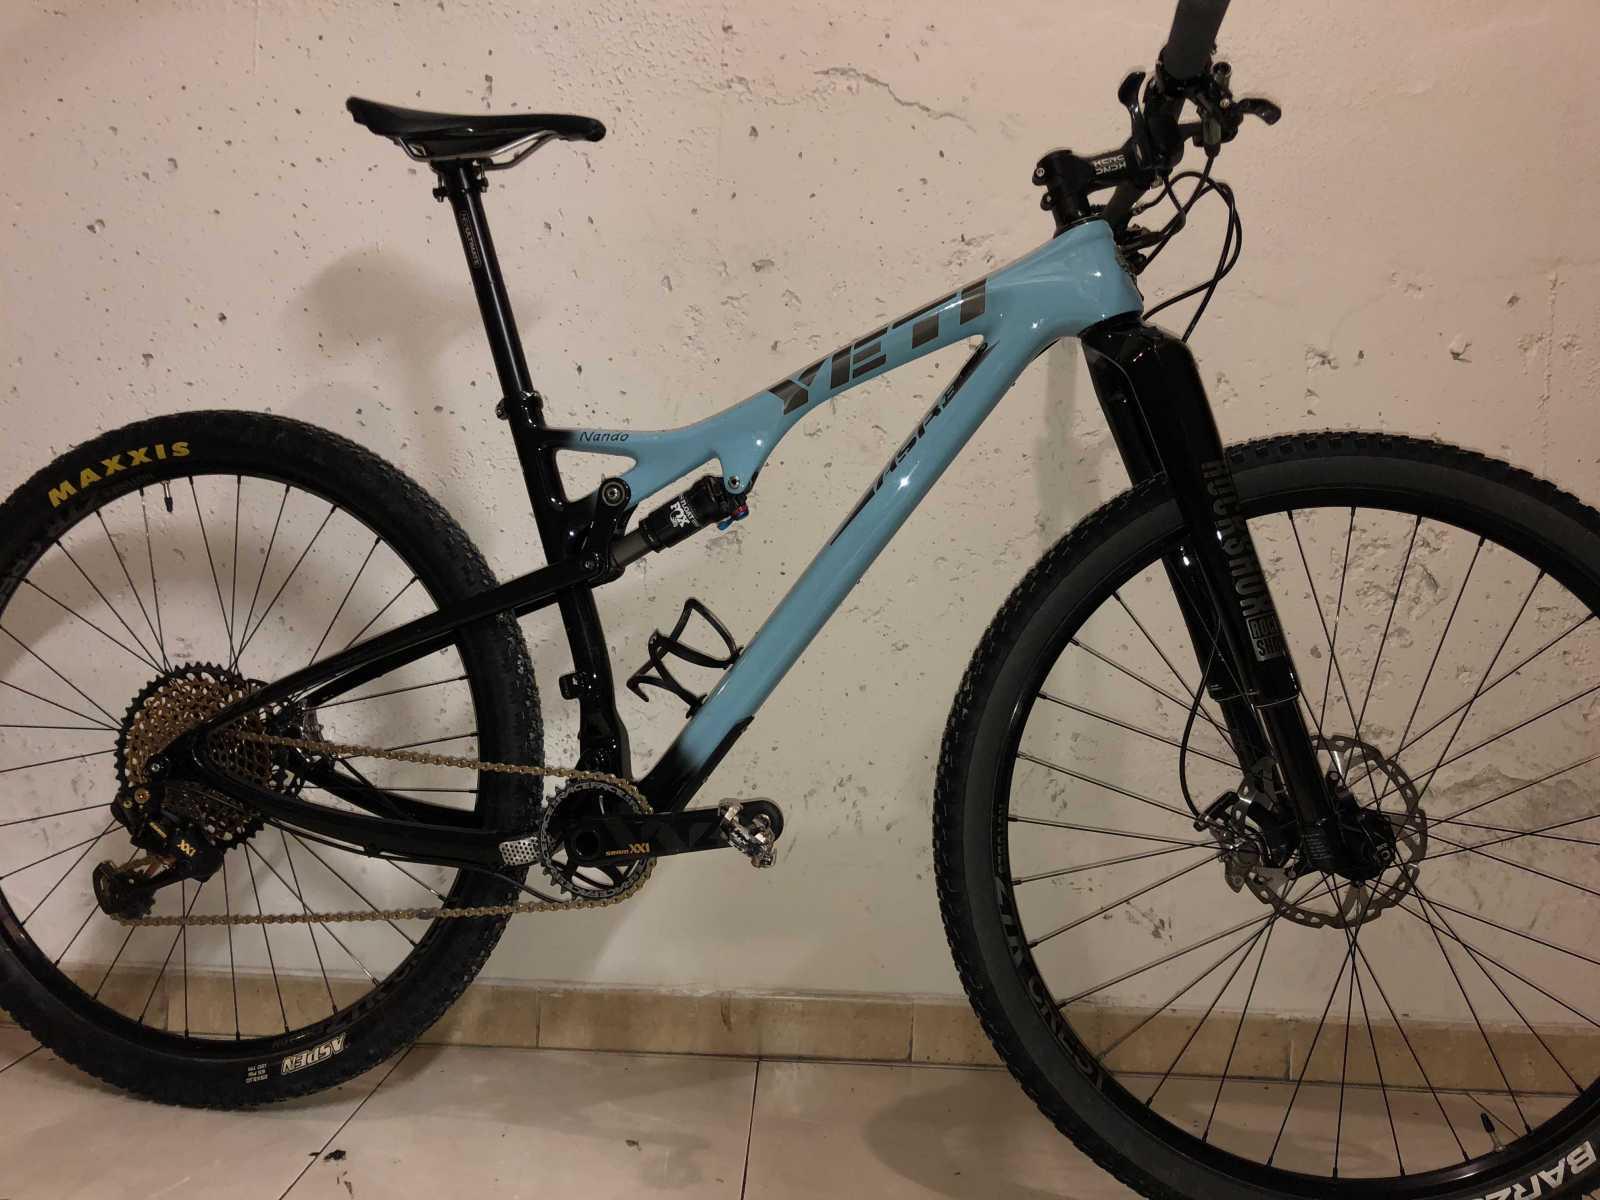 Yeti Asr C 2016 Bicicletas De Montaña 39952 Tuvalumcom